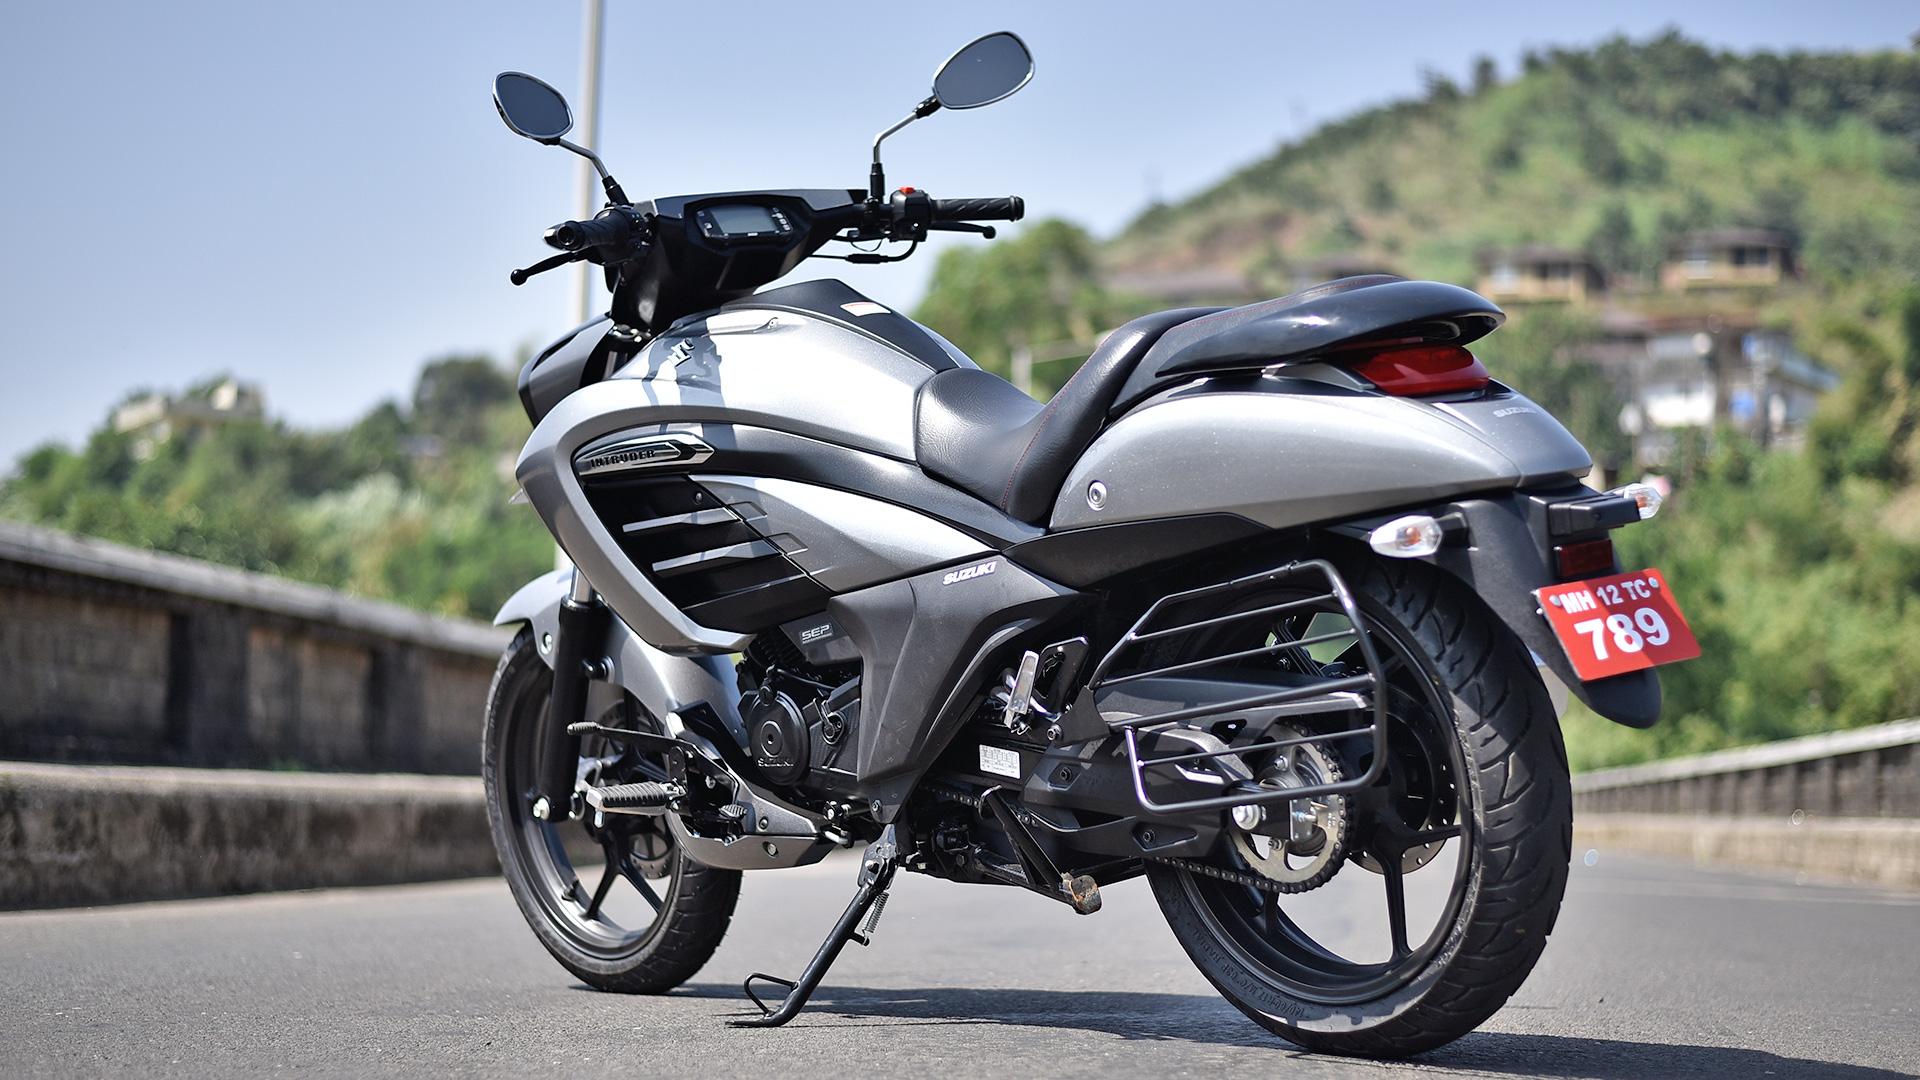 Suzuki Intruder 150 2018 - Price, Mileage, Reviews, Specification ...